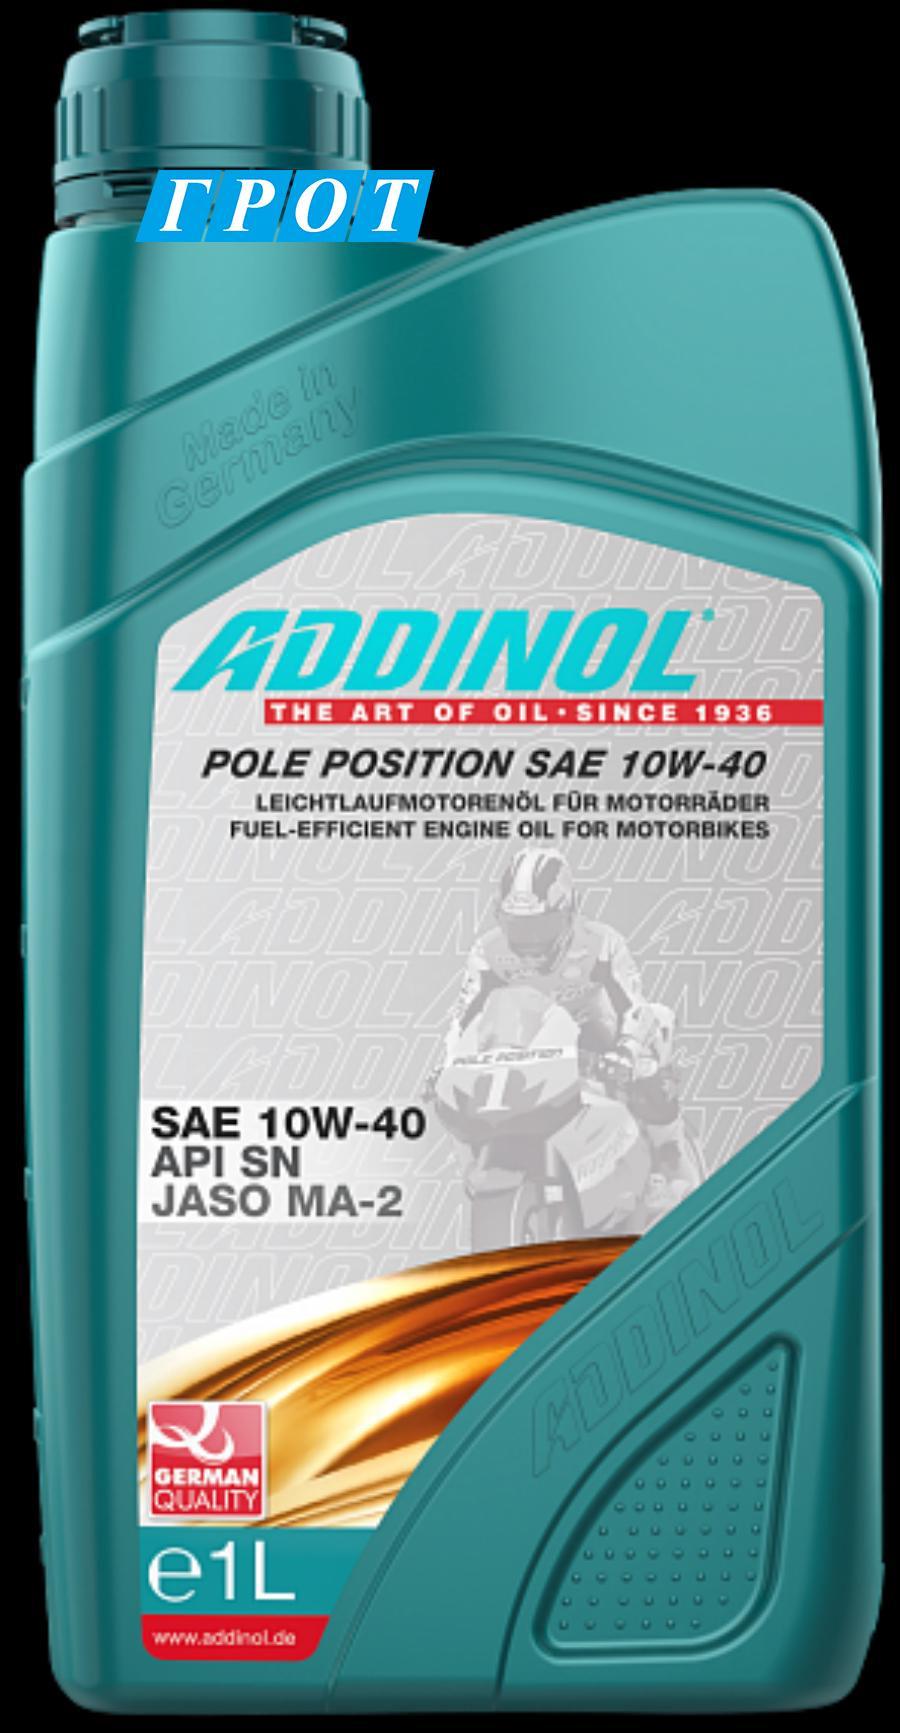 Масло моторное синтетическое Pole Position 10W-40, 1л